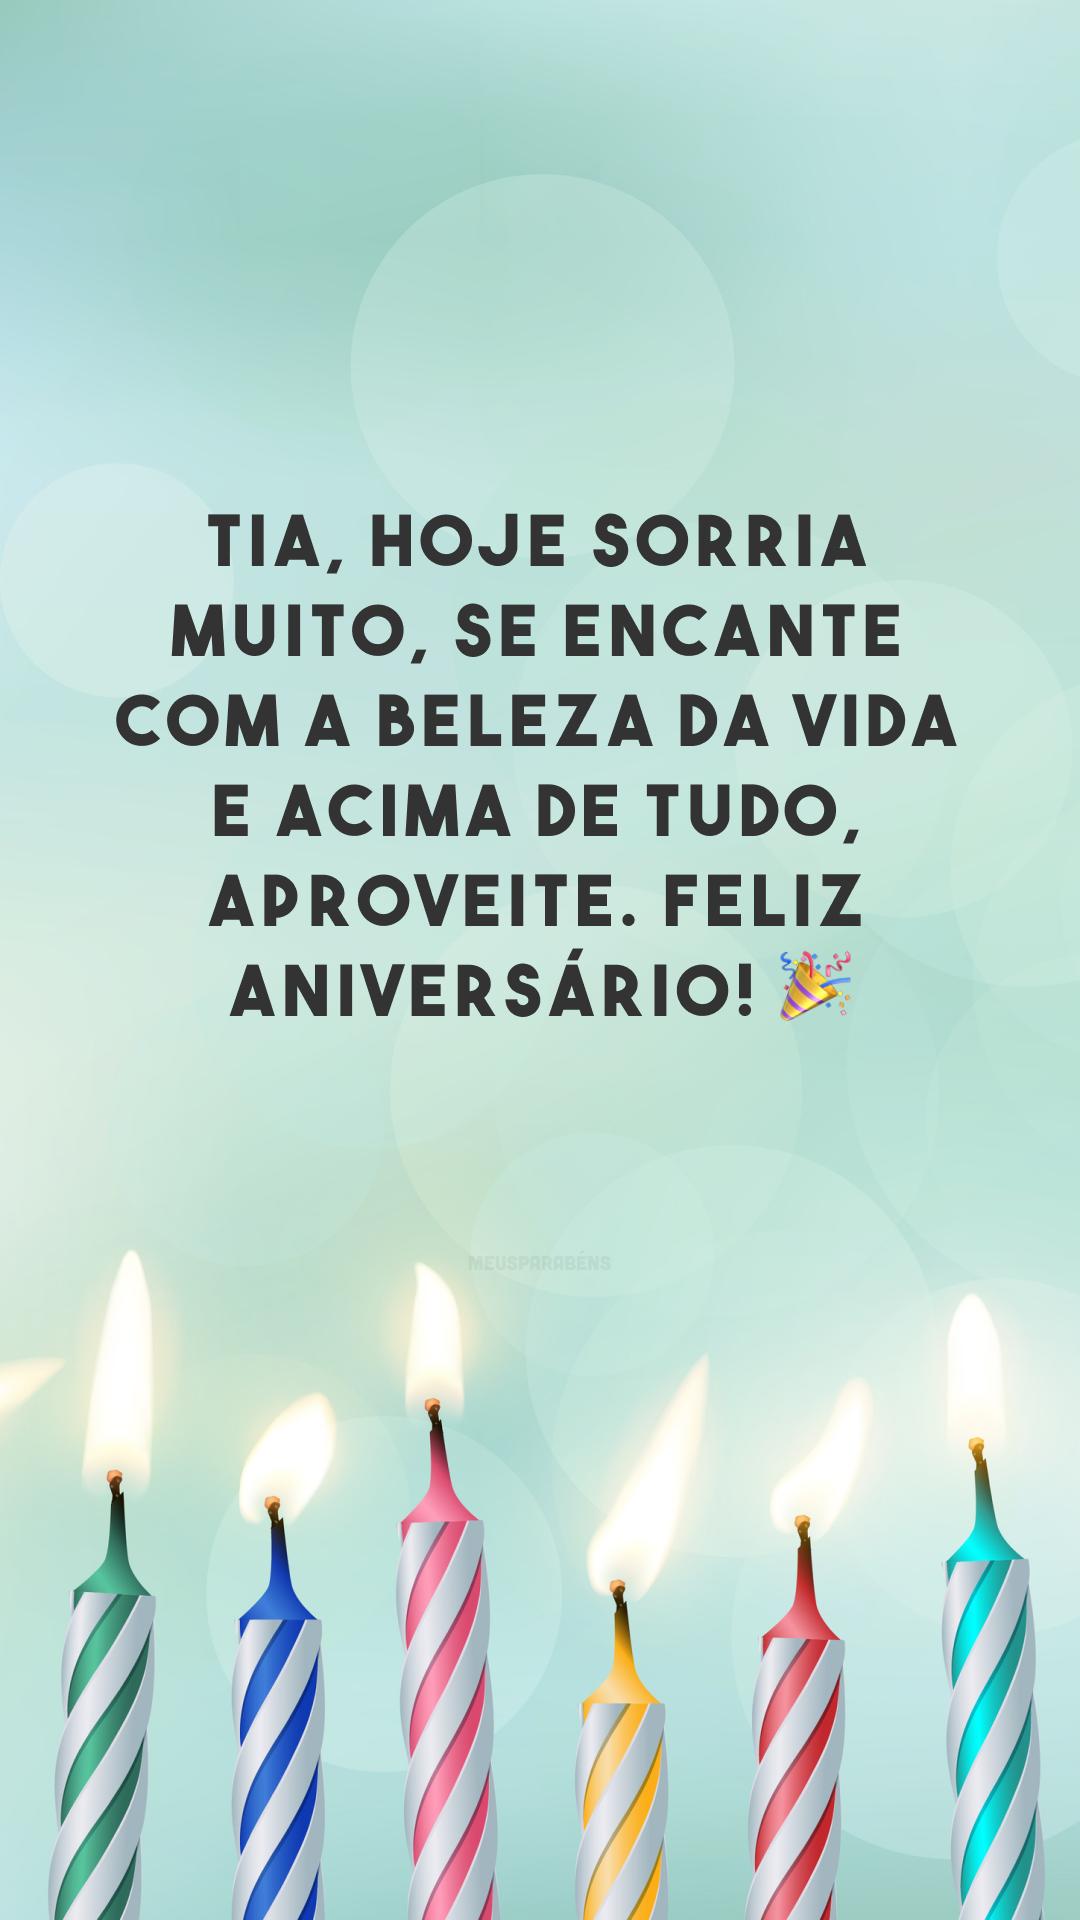 Tia, hoje sorria muito, se encante com a beleza da vida e acima de tudo, aproveite. Feliz aniversário! 🎉